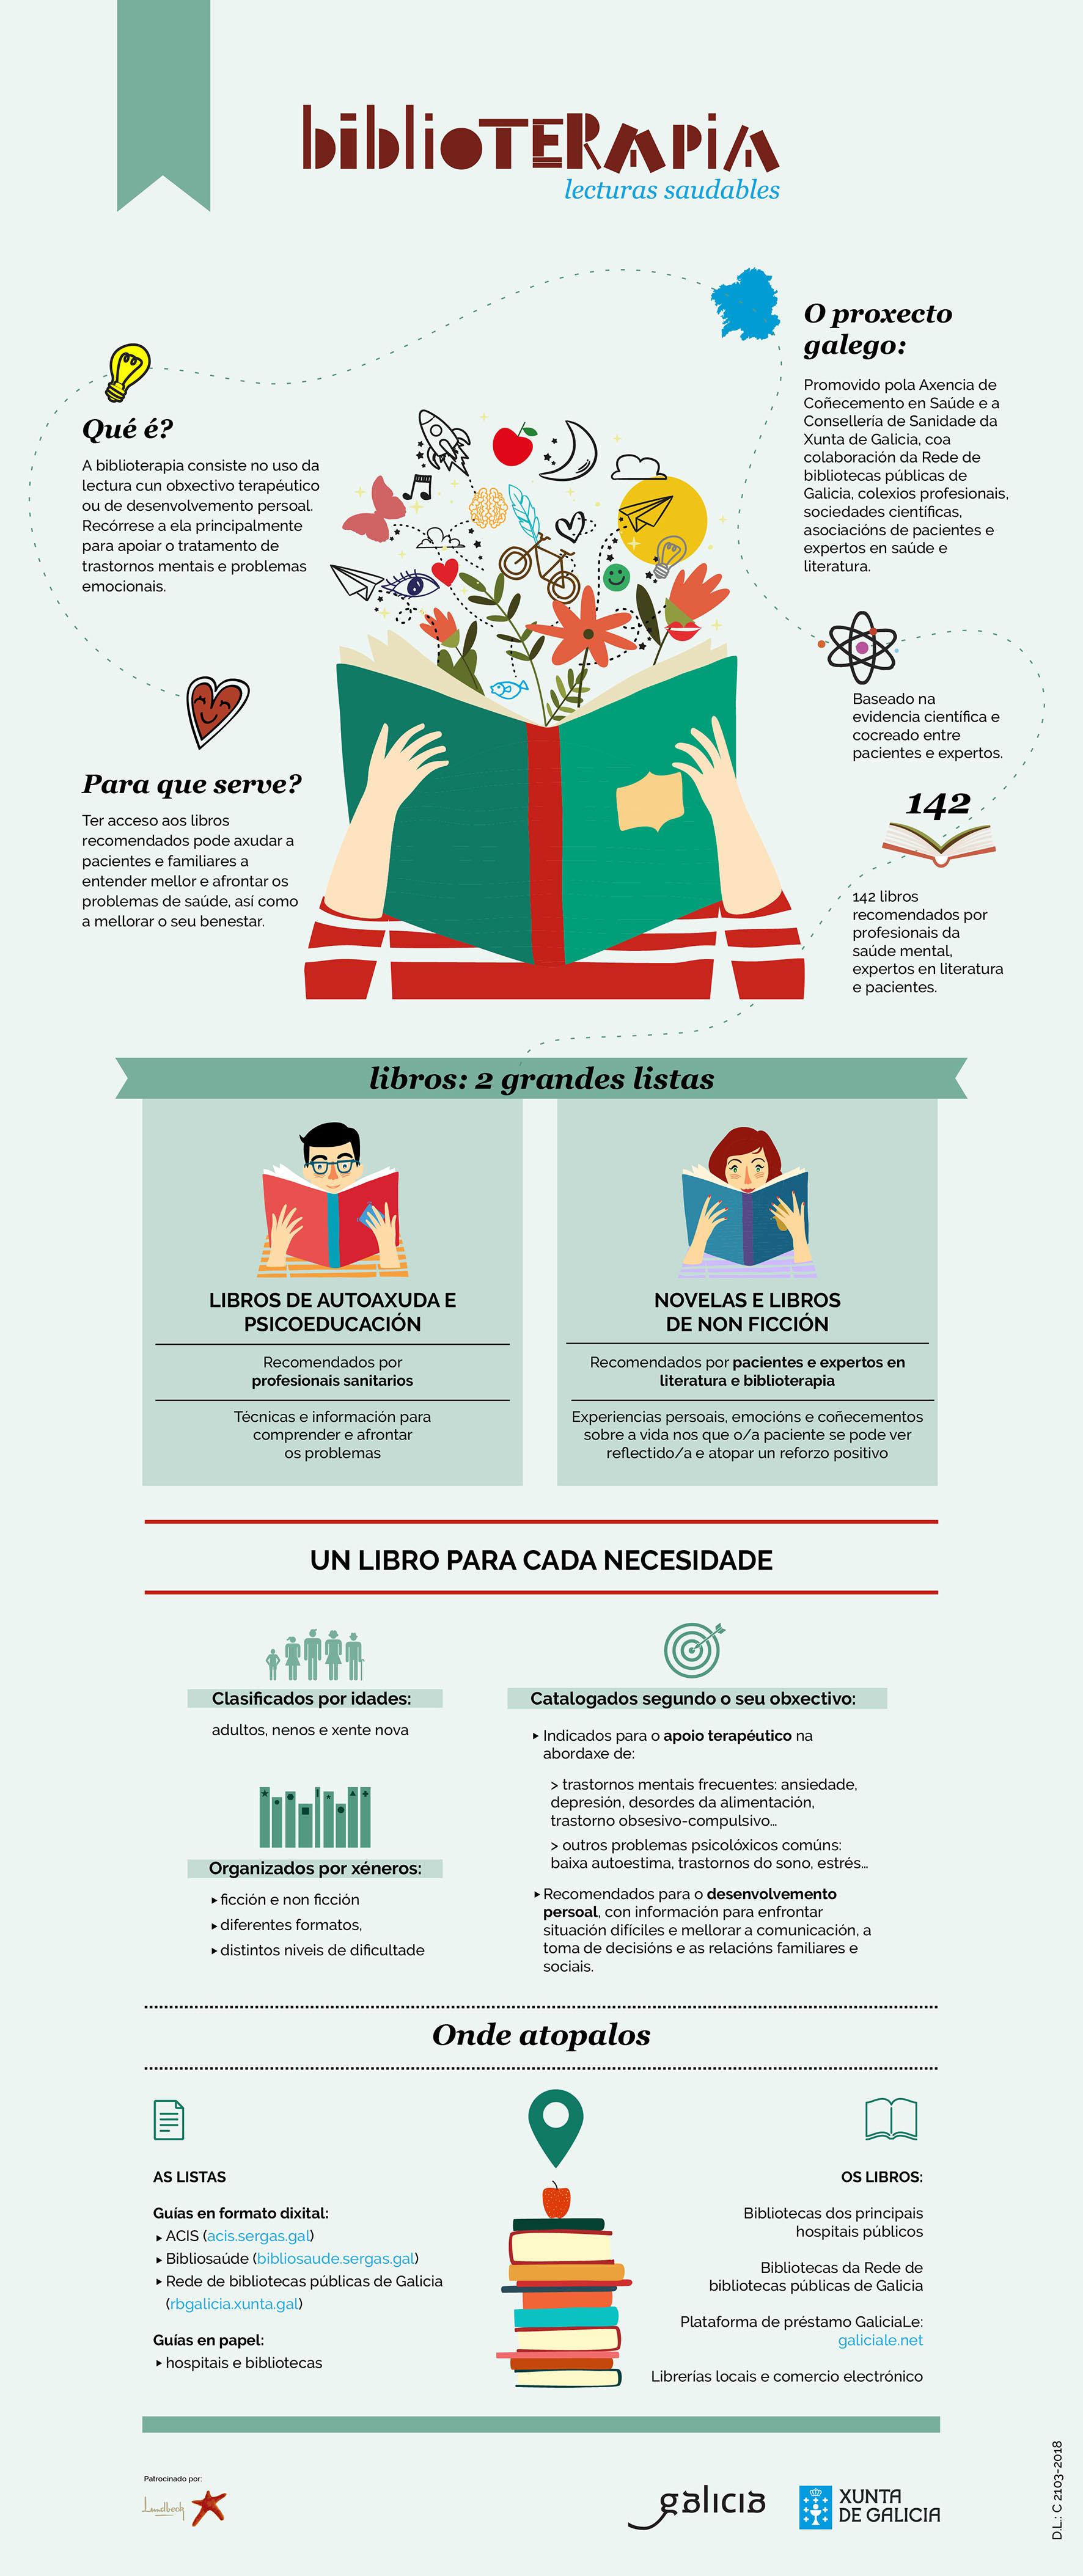 Infografía Biblioterapia para la salud mental, proyecto de FEAFES Galicia